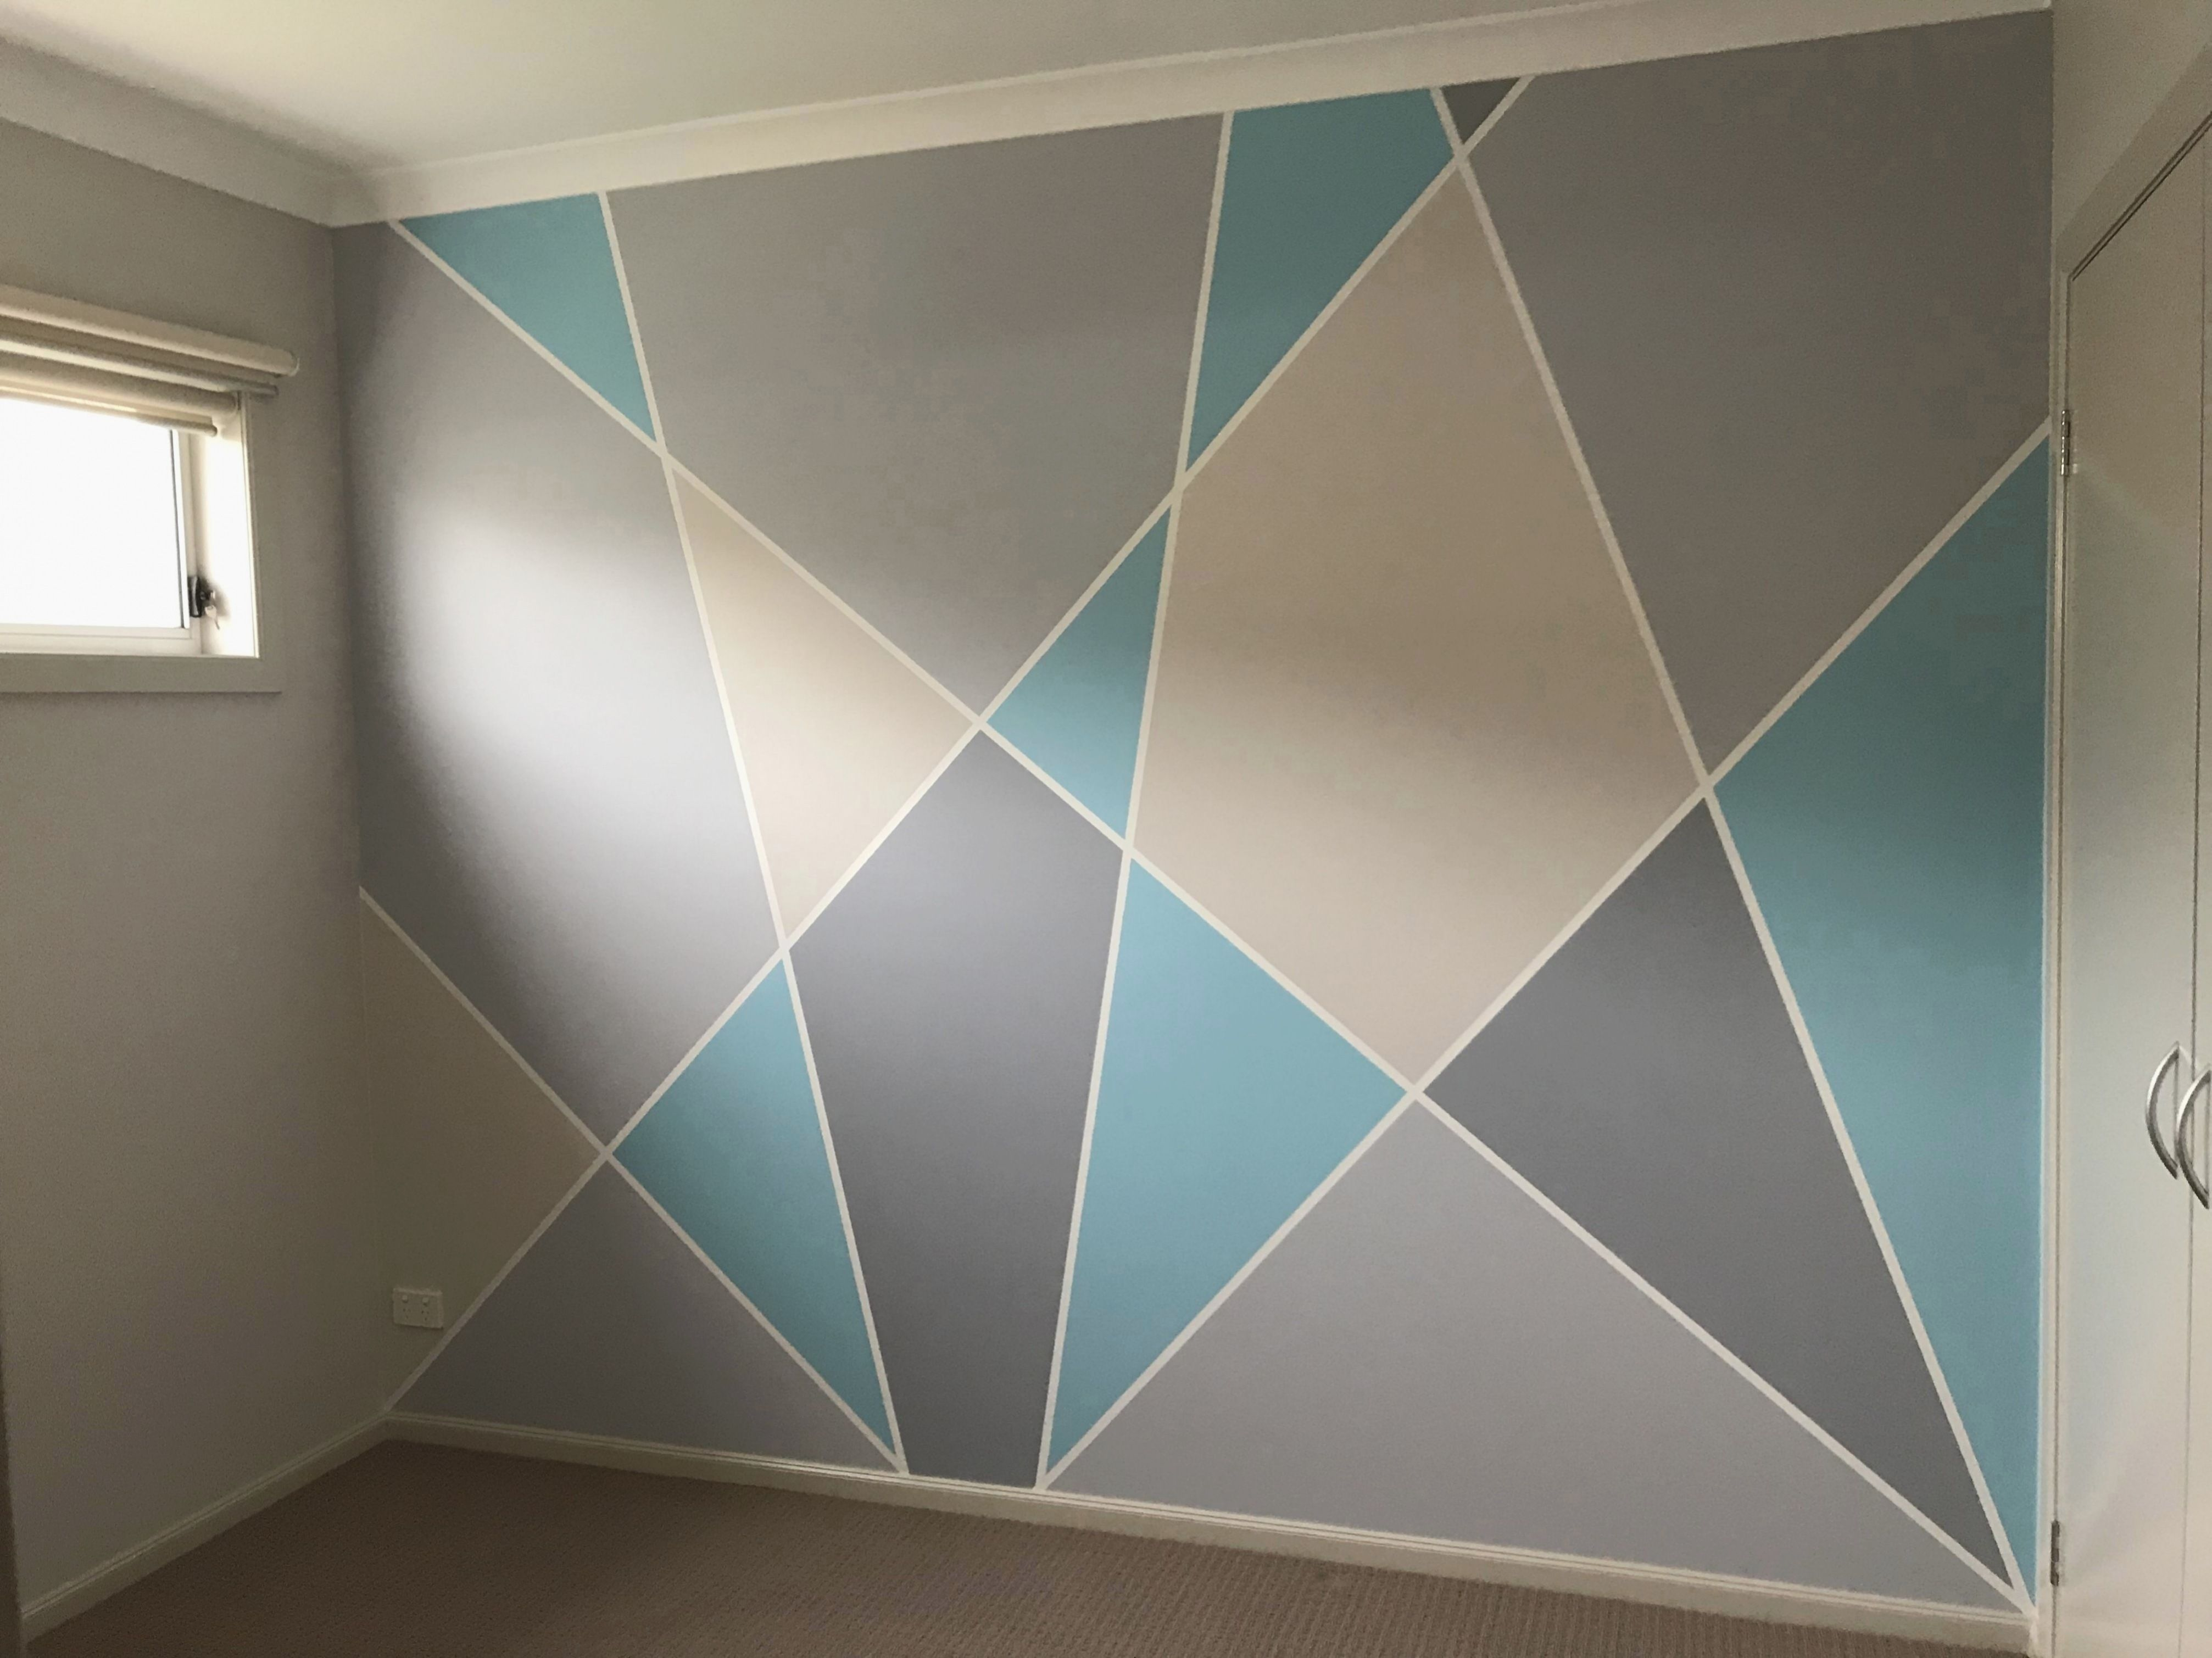 Geometrische Wand Muster Und Farben Fur Ein Tween Madchen 2020 Yatak Odasi Duvar Boyalari Yatak Odasi Duvar Tasarimlari Duvar Renkleri